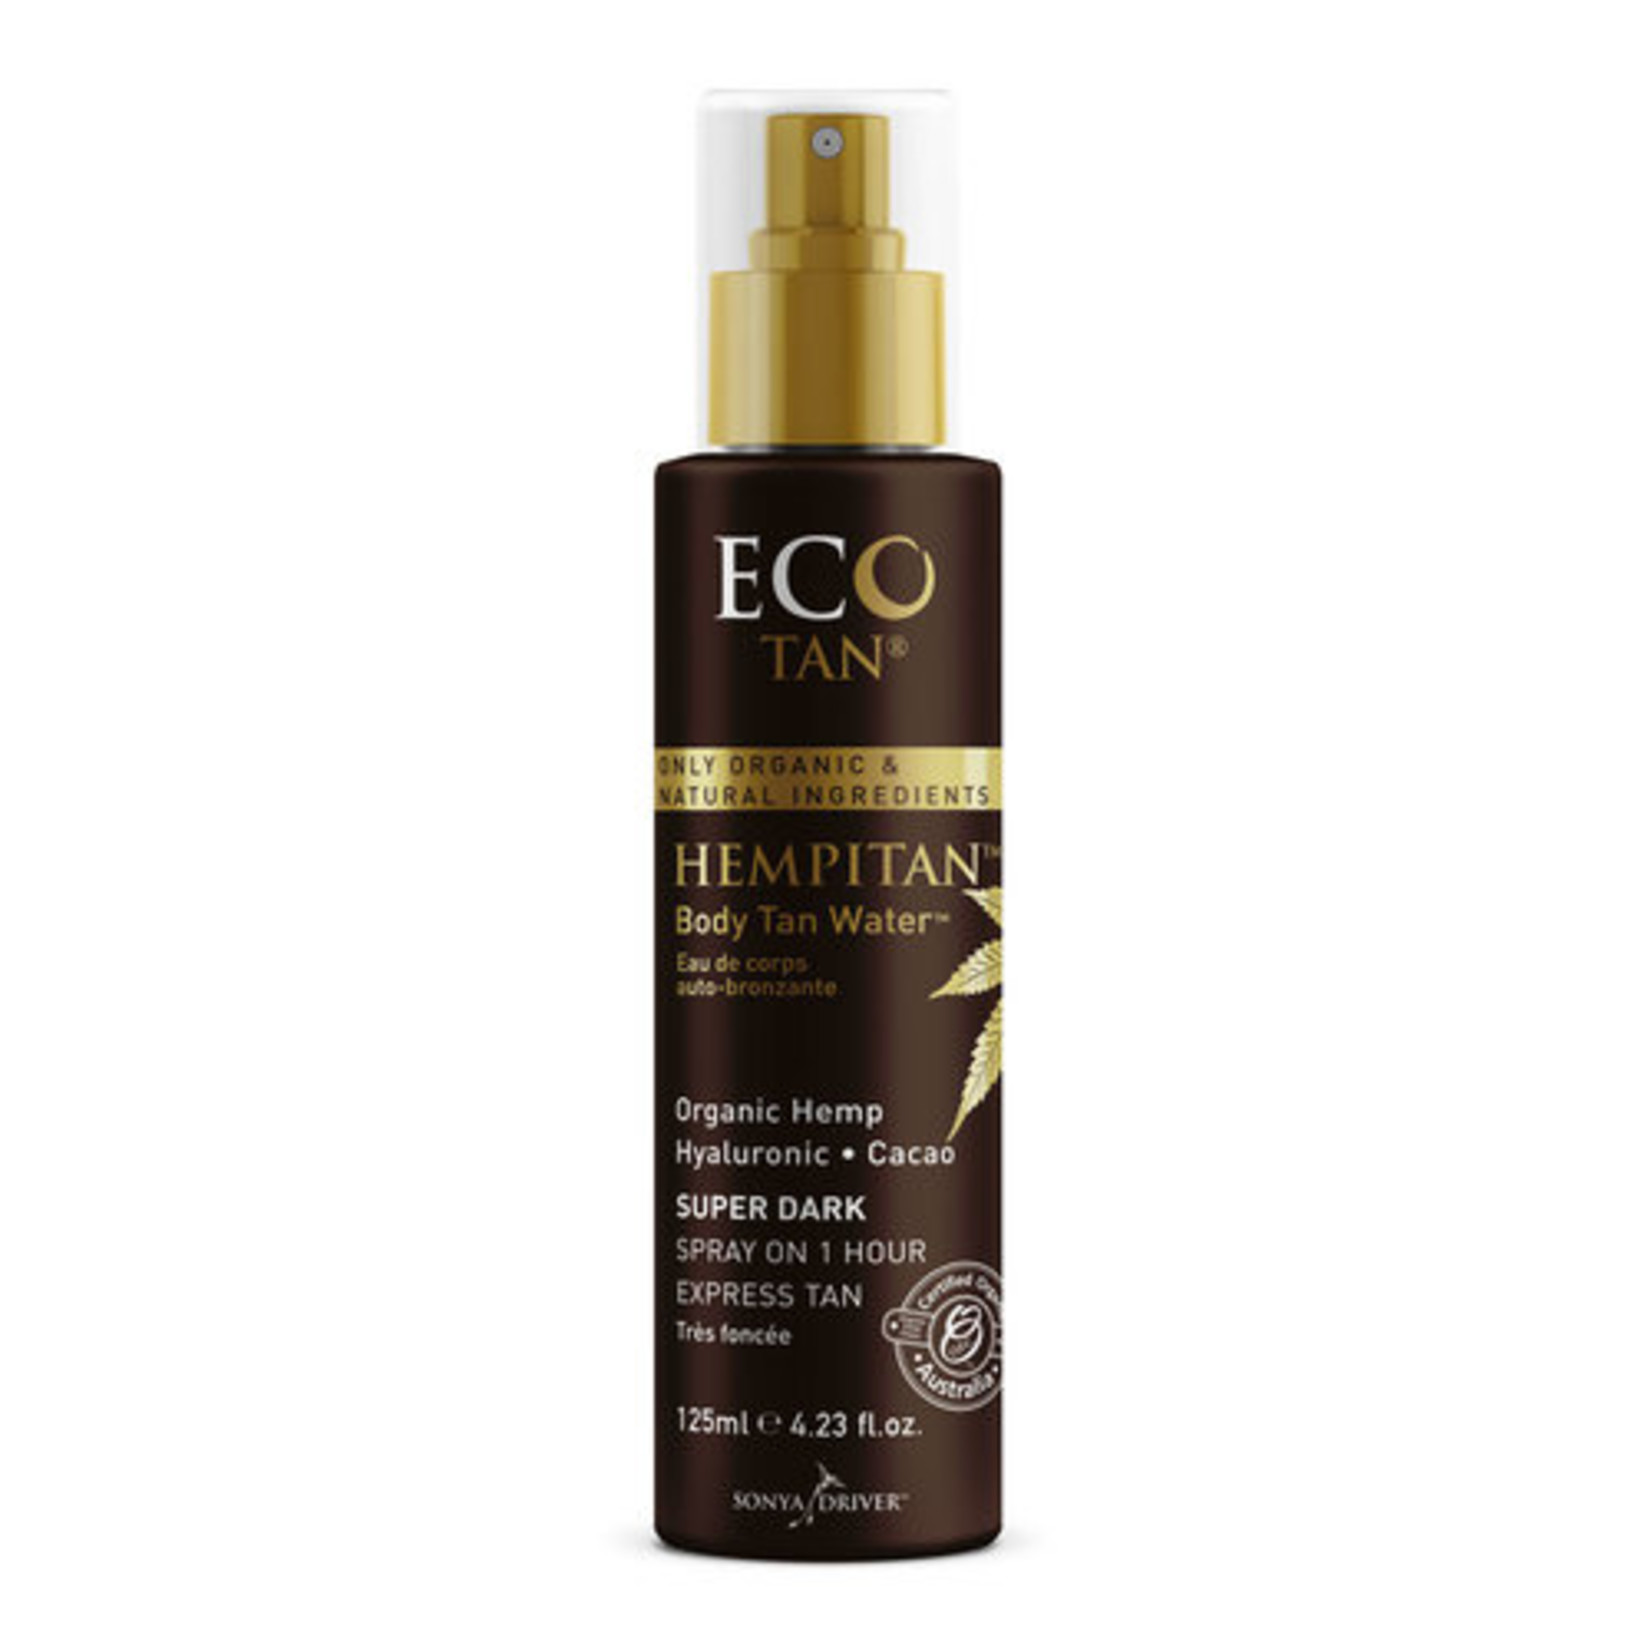 Eco Tan Hempitan Body Tan Water 125ml